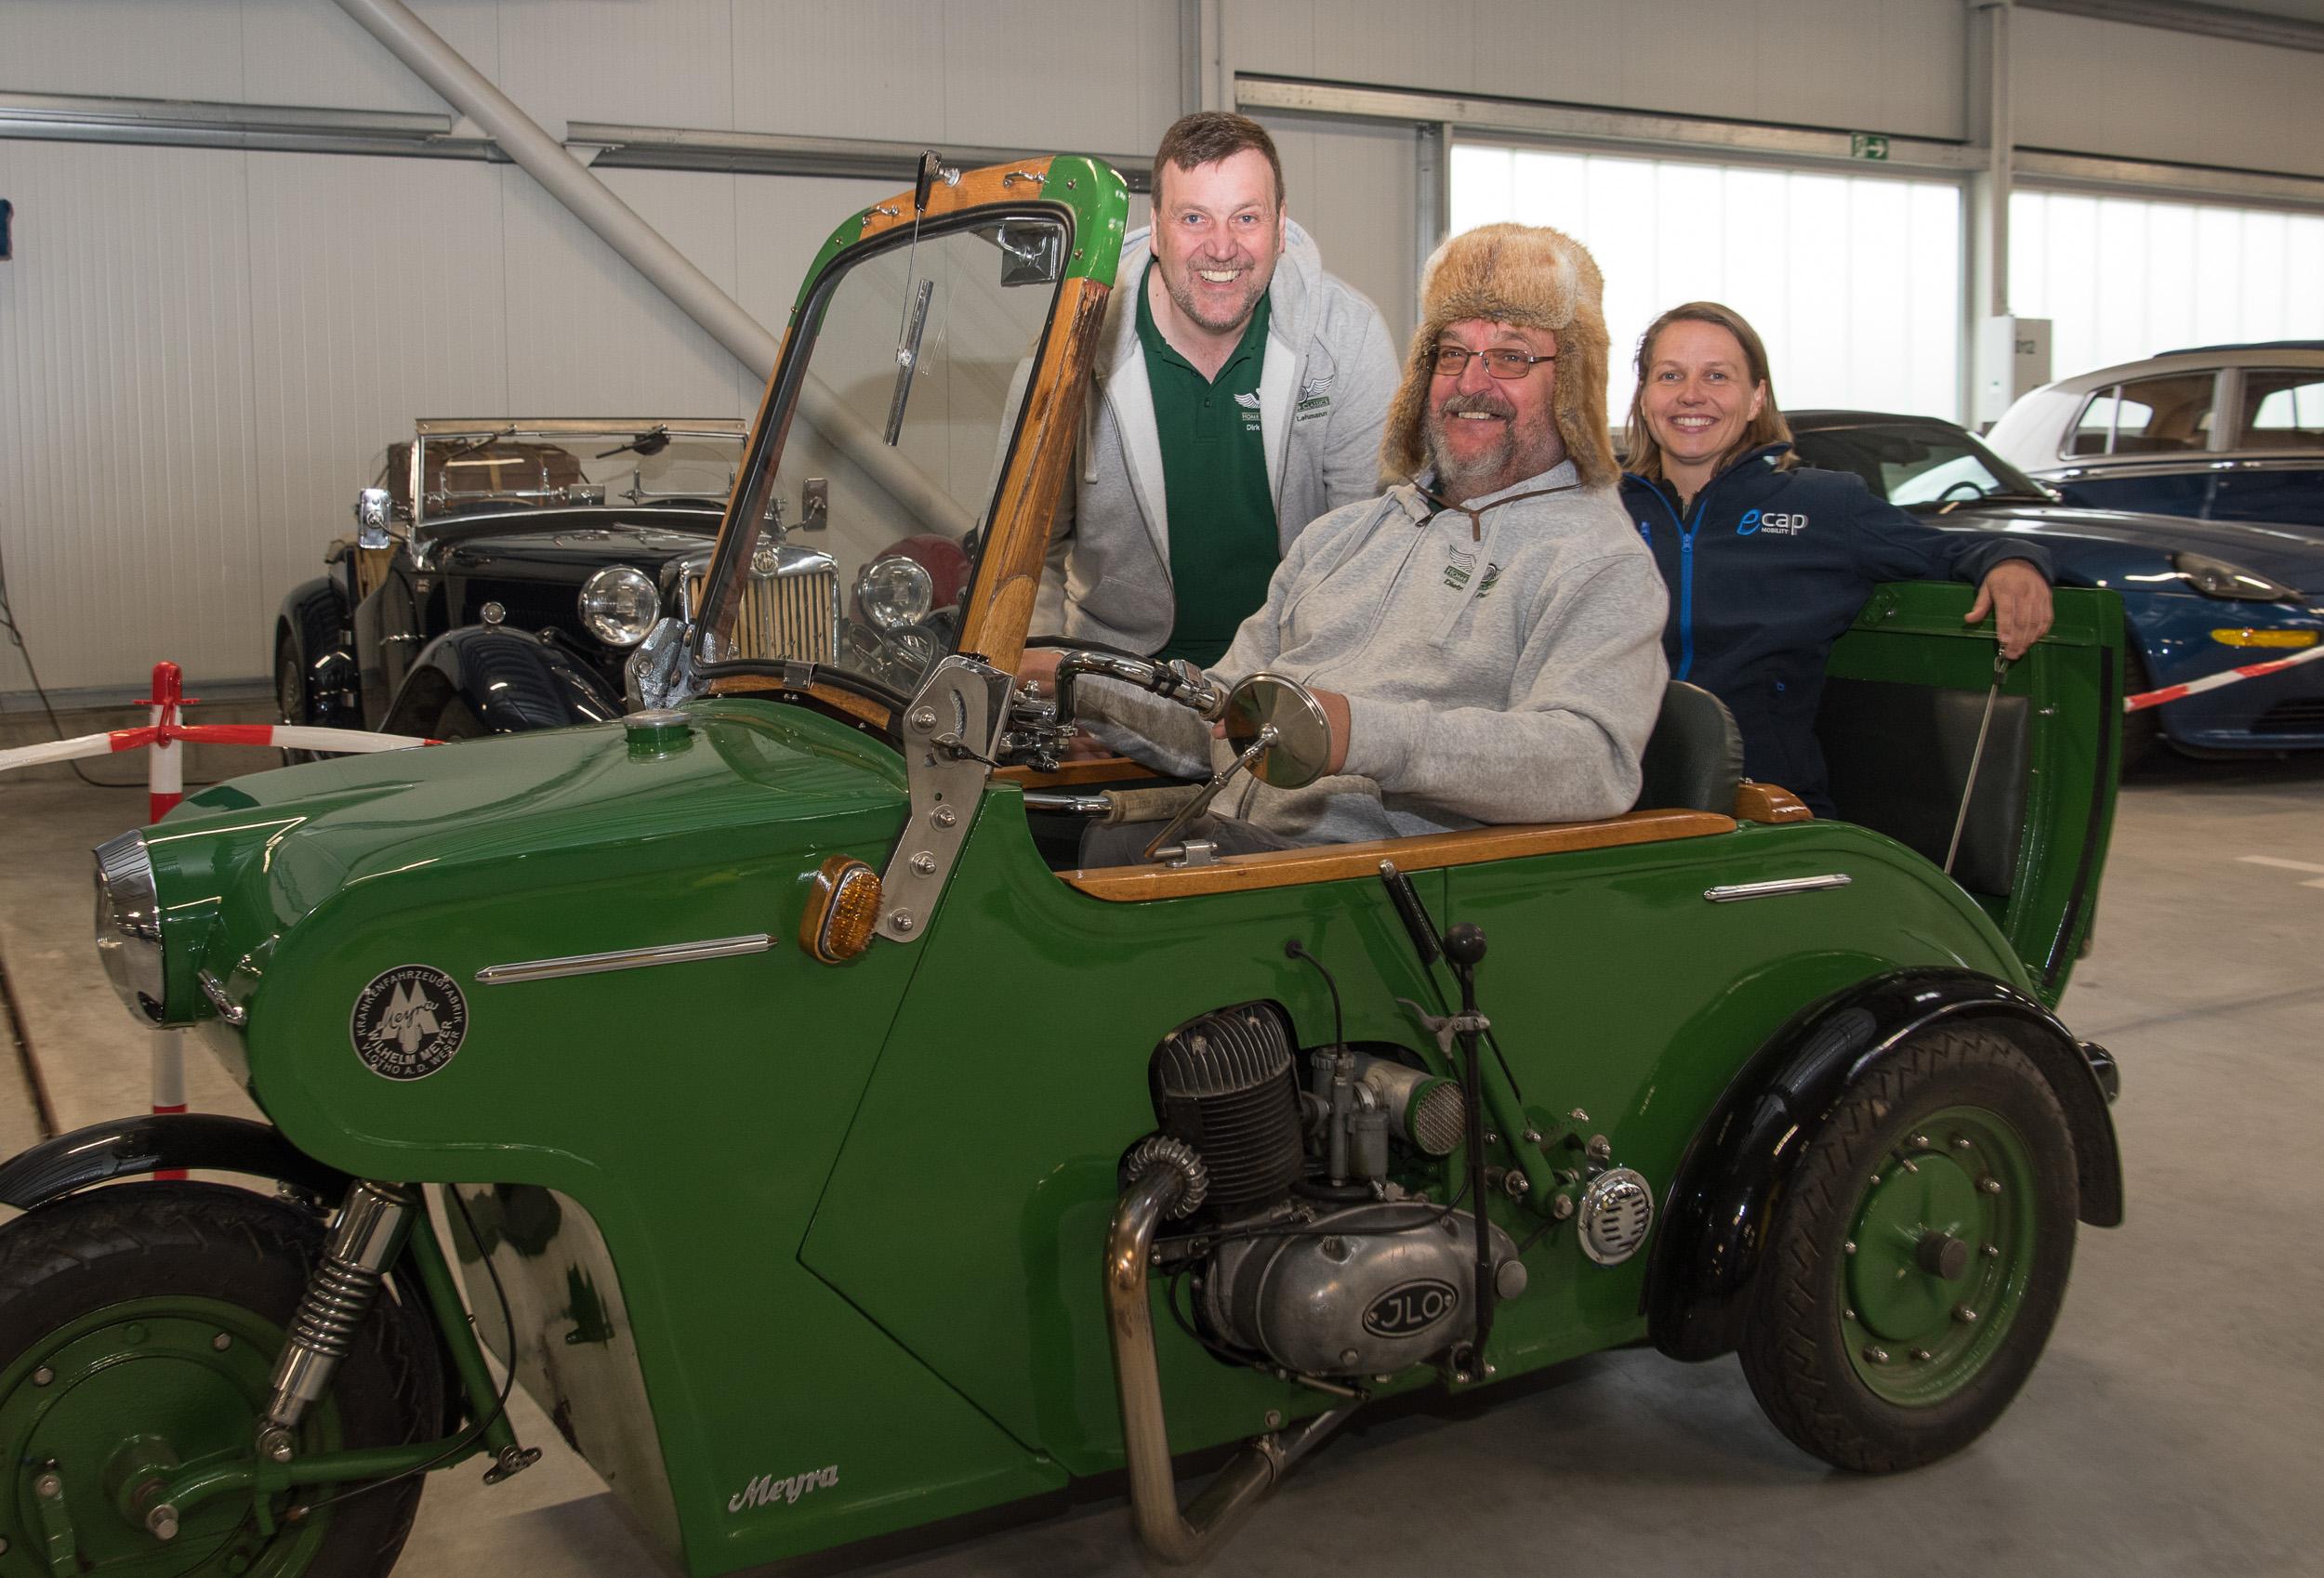 """""""1000 Stunden bis zum TÜV"""" Fahrzeug MEYRA Motorwagen 1956: v.l.n.r.: Dirk Lehmann (Eigentümer von HoC und eCap Mobility), Dietmar Pauw (Besitzer des MEYRA) und Leonie Behrens (Geschäftsführerin eCap)"""""""